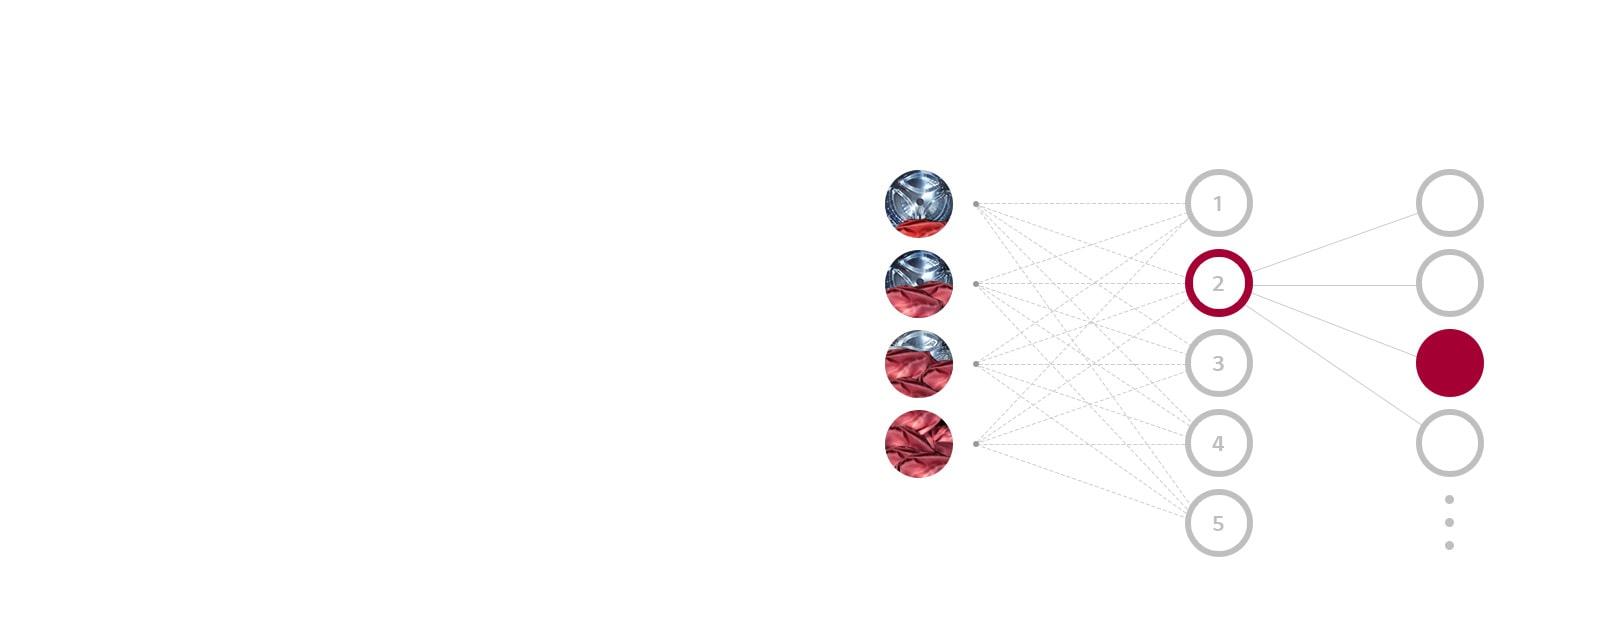 Ba cột hiển thị Xác định trọng lượng, Xác định độ mềm và Tối ưu hóa kiểu giặt, ở dưới là các mức độ giải thích cách AI DD trong máy giặt chọn chế độ giặt tối ưu.